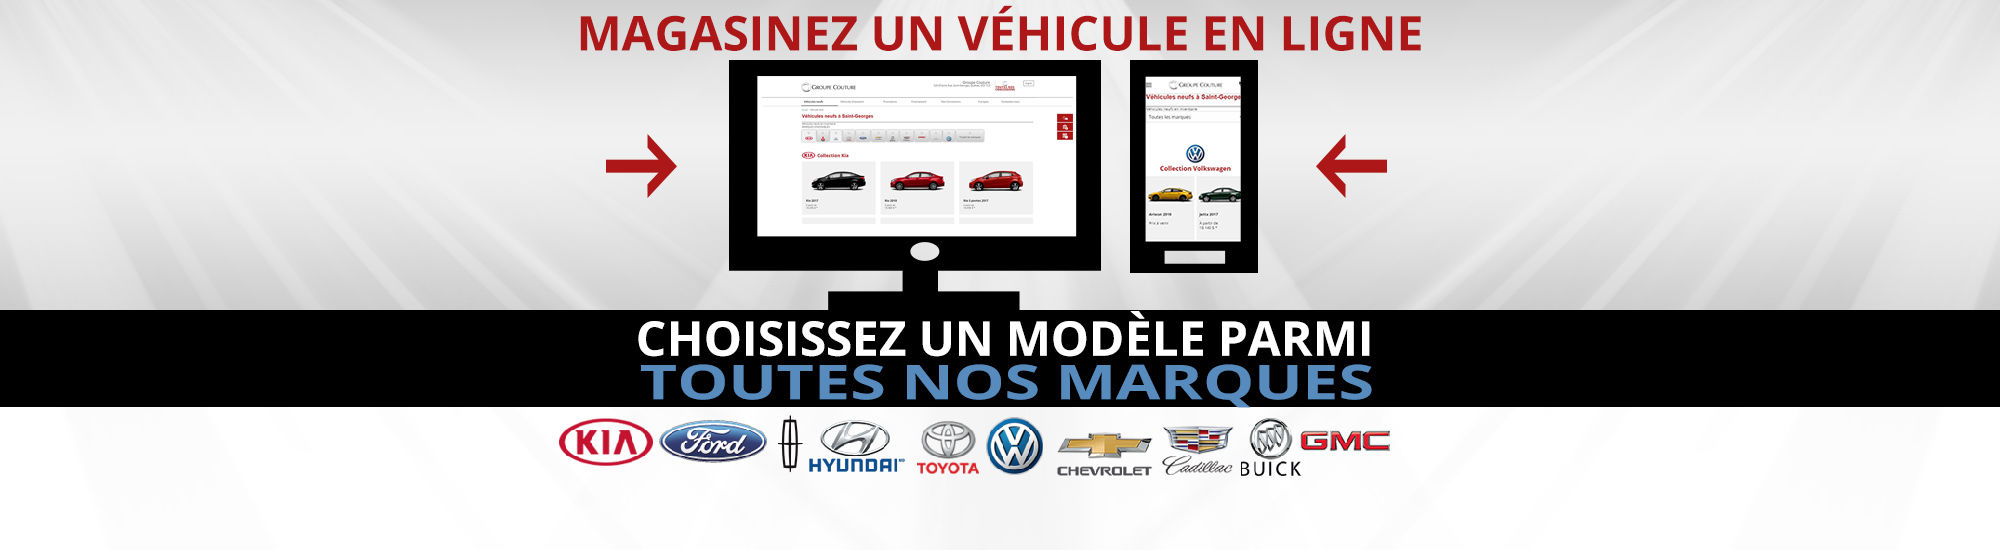 Magasinez un véhicule en ligne